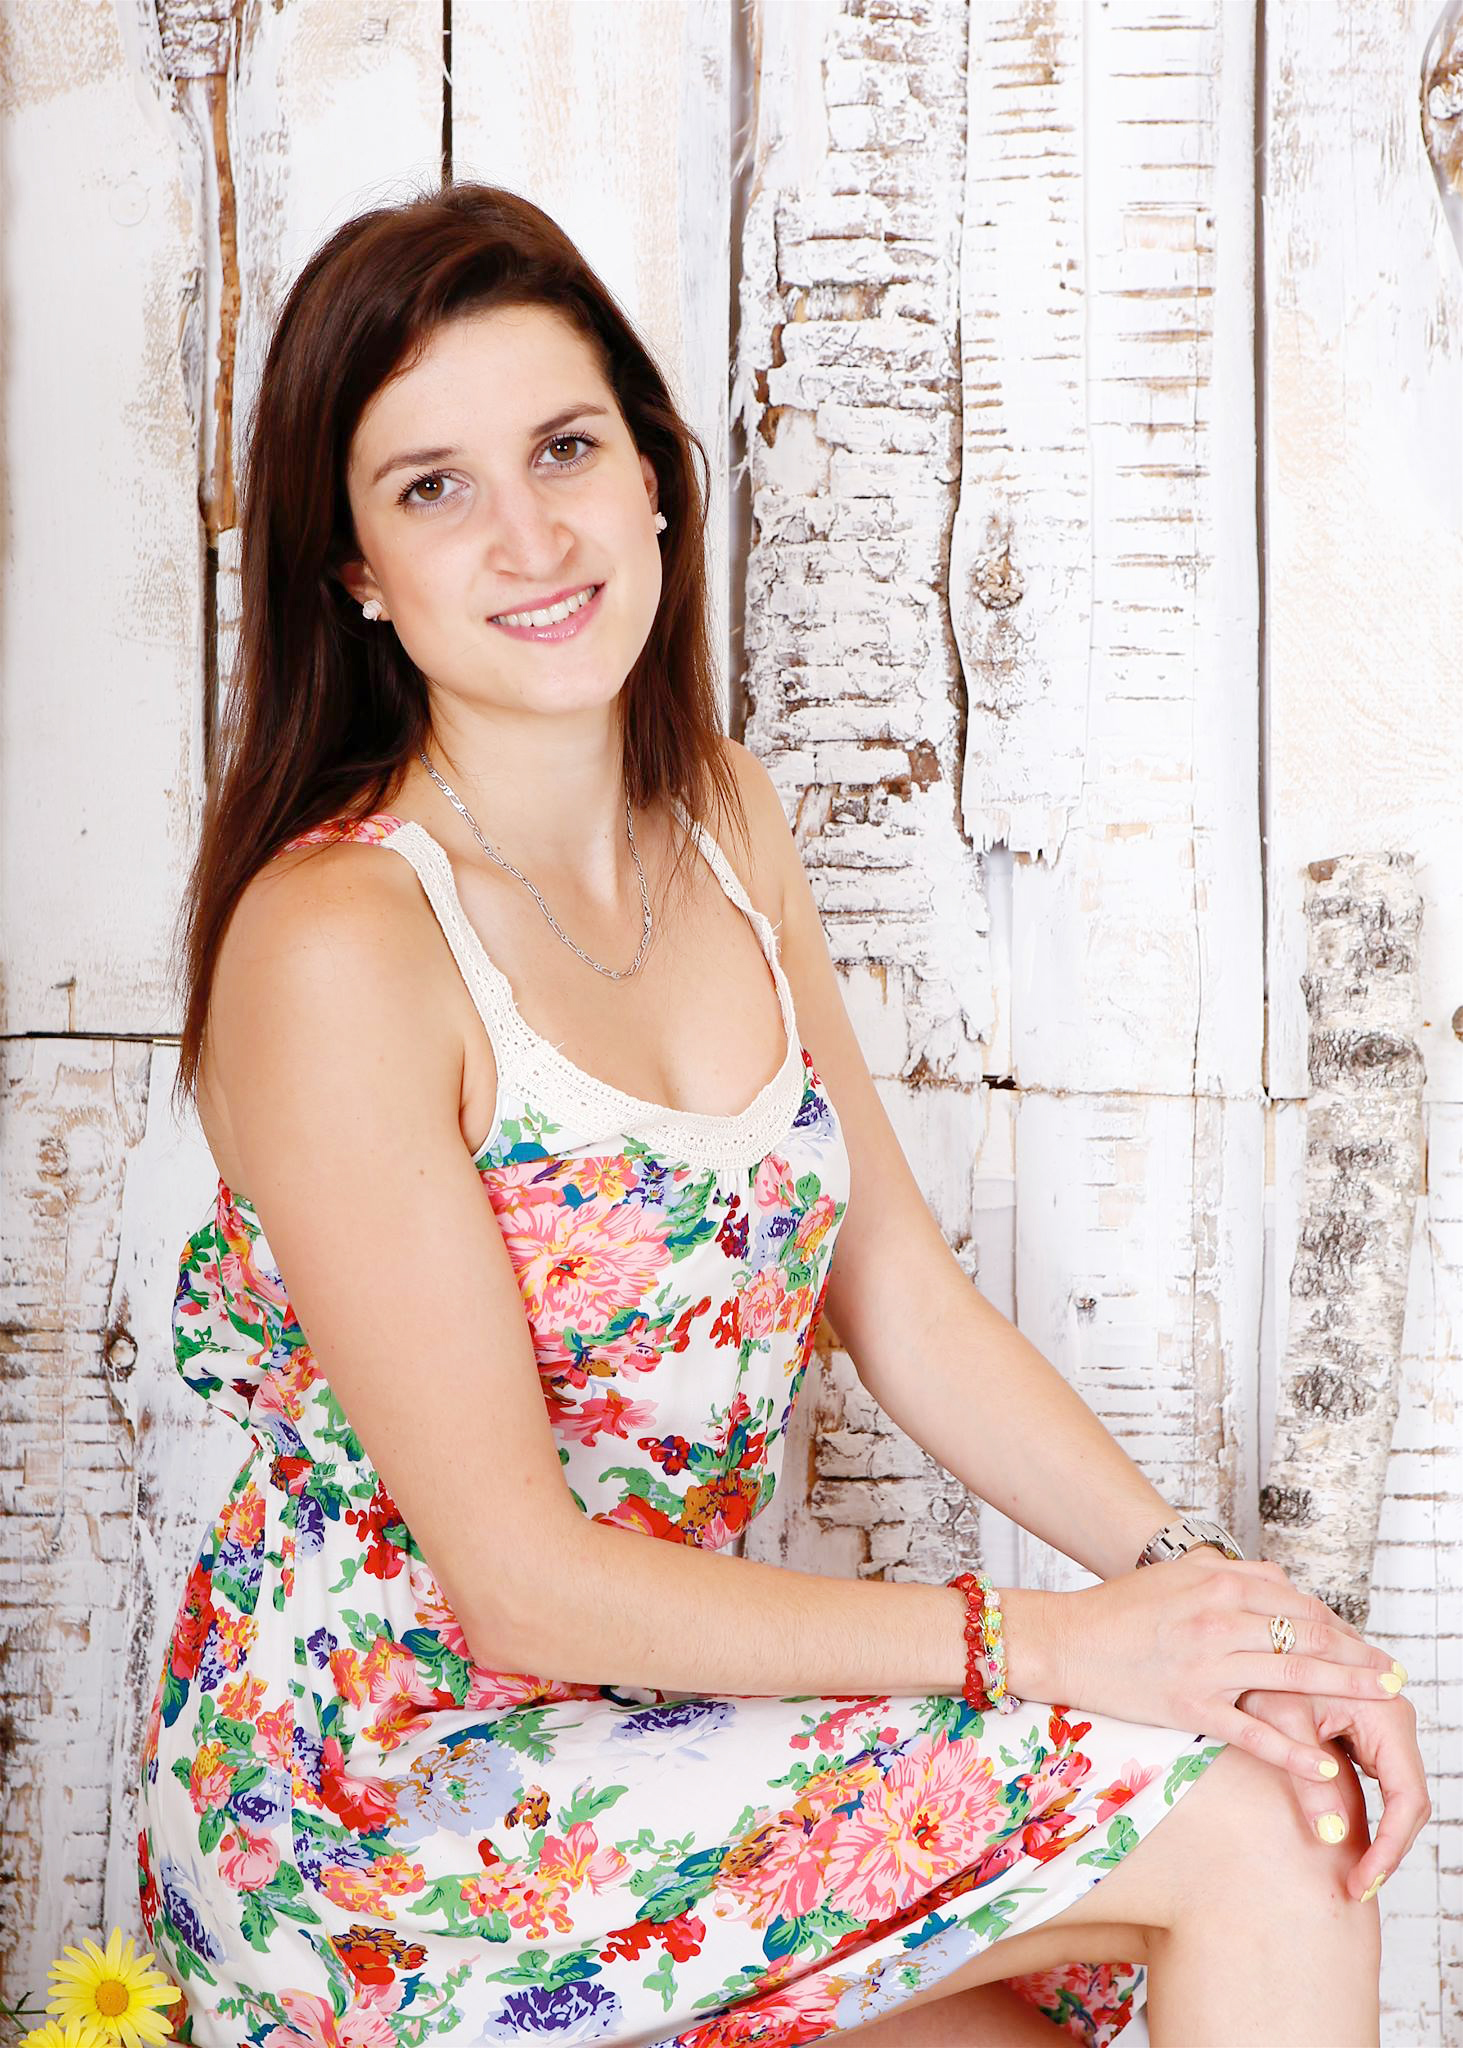 Simona Šufliarska - auspowern & tanzen In diesem Kurs verbinden sich Elemente aus verschiedenen Tanzstilen zu heißer lateinamerikanischer Musik. Die rhythmischen Bewegungen zu Salsa, Merengue, Mambo oder Reggaeton machen Spaß und bringen Sie in Schwung. Alle Schritte und Drehungen sind für jeden einfach zu erlernen und bringen die Stimmung zum Kochen.